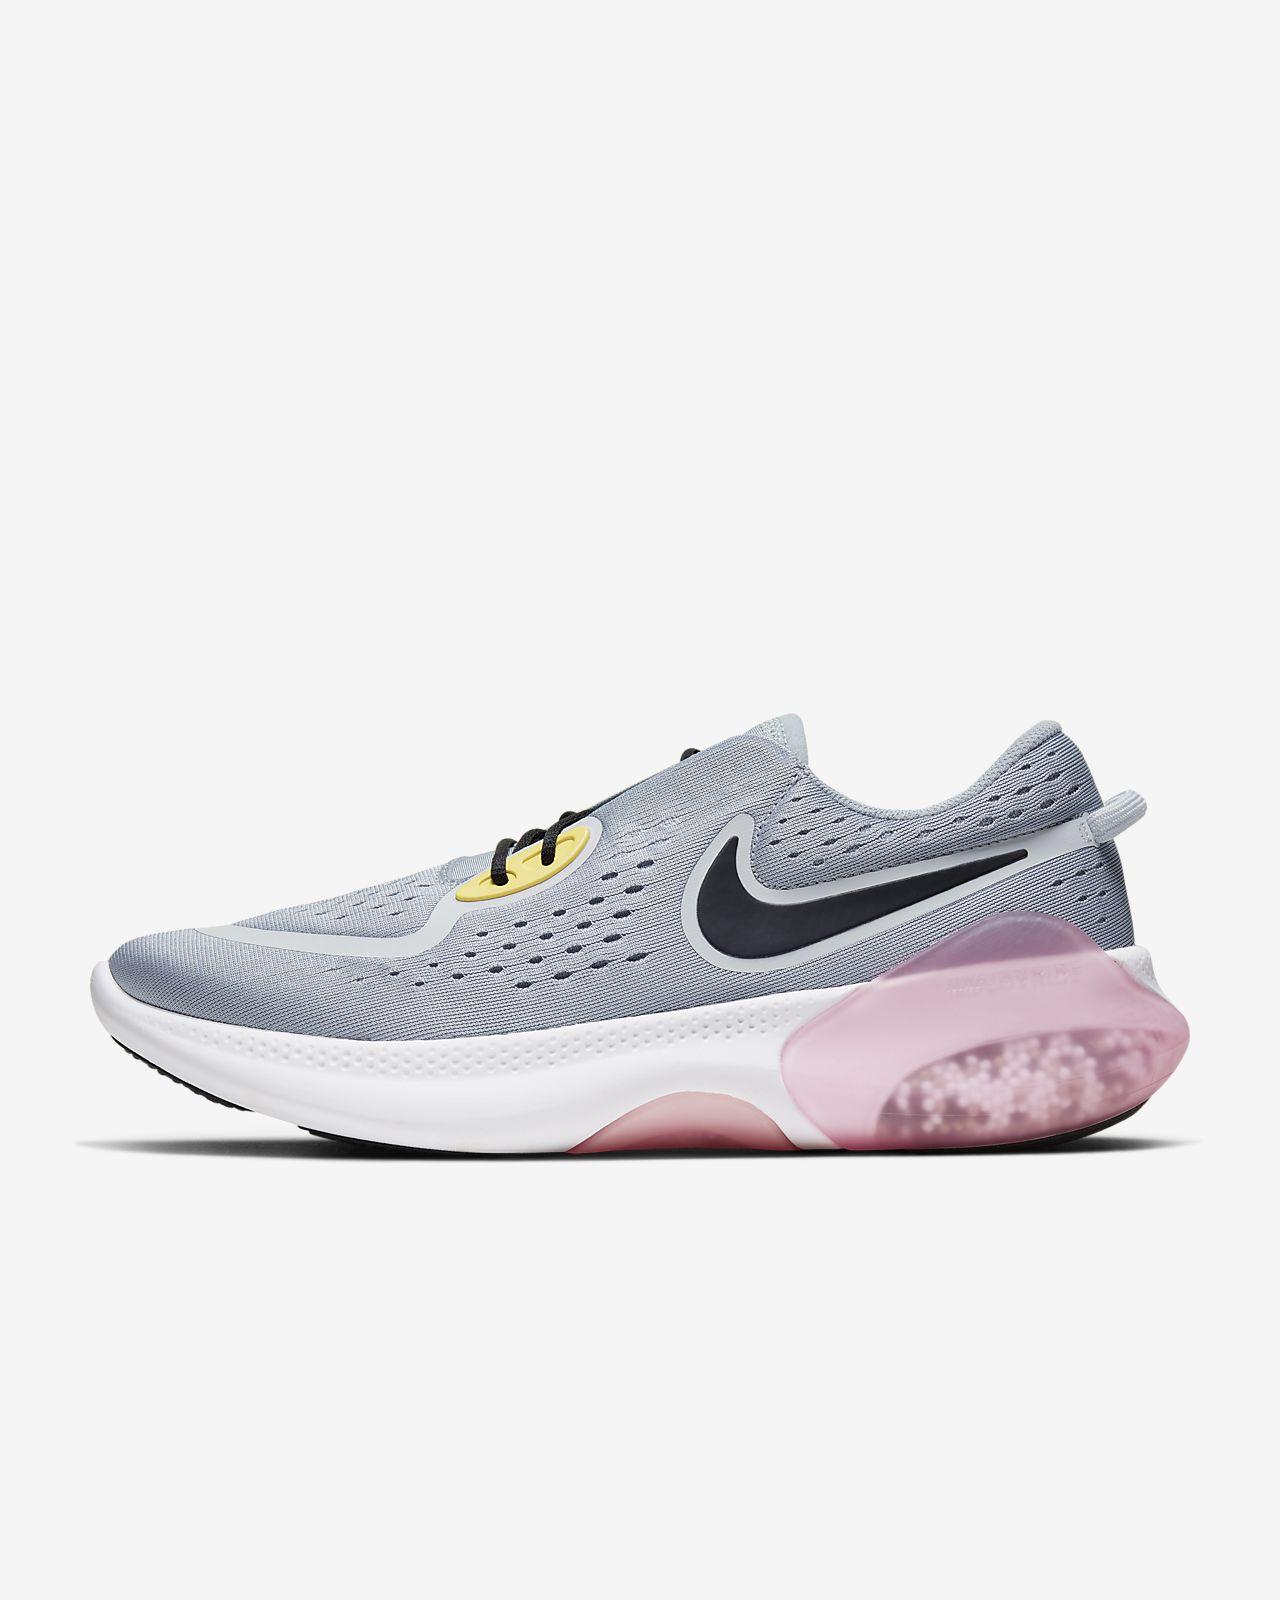 Löparsko Nike Joyride Dual Run för män